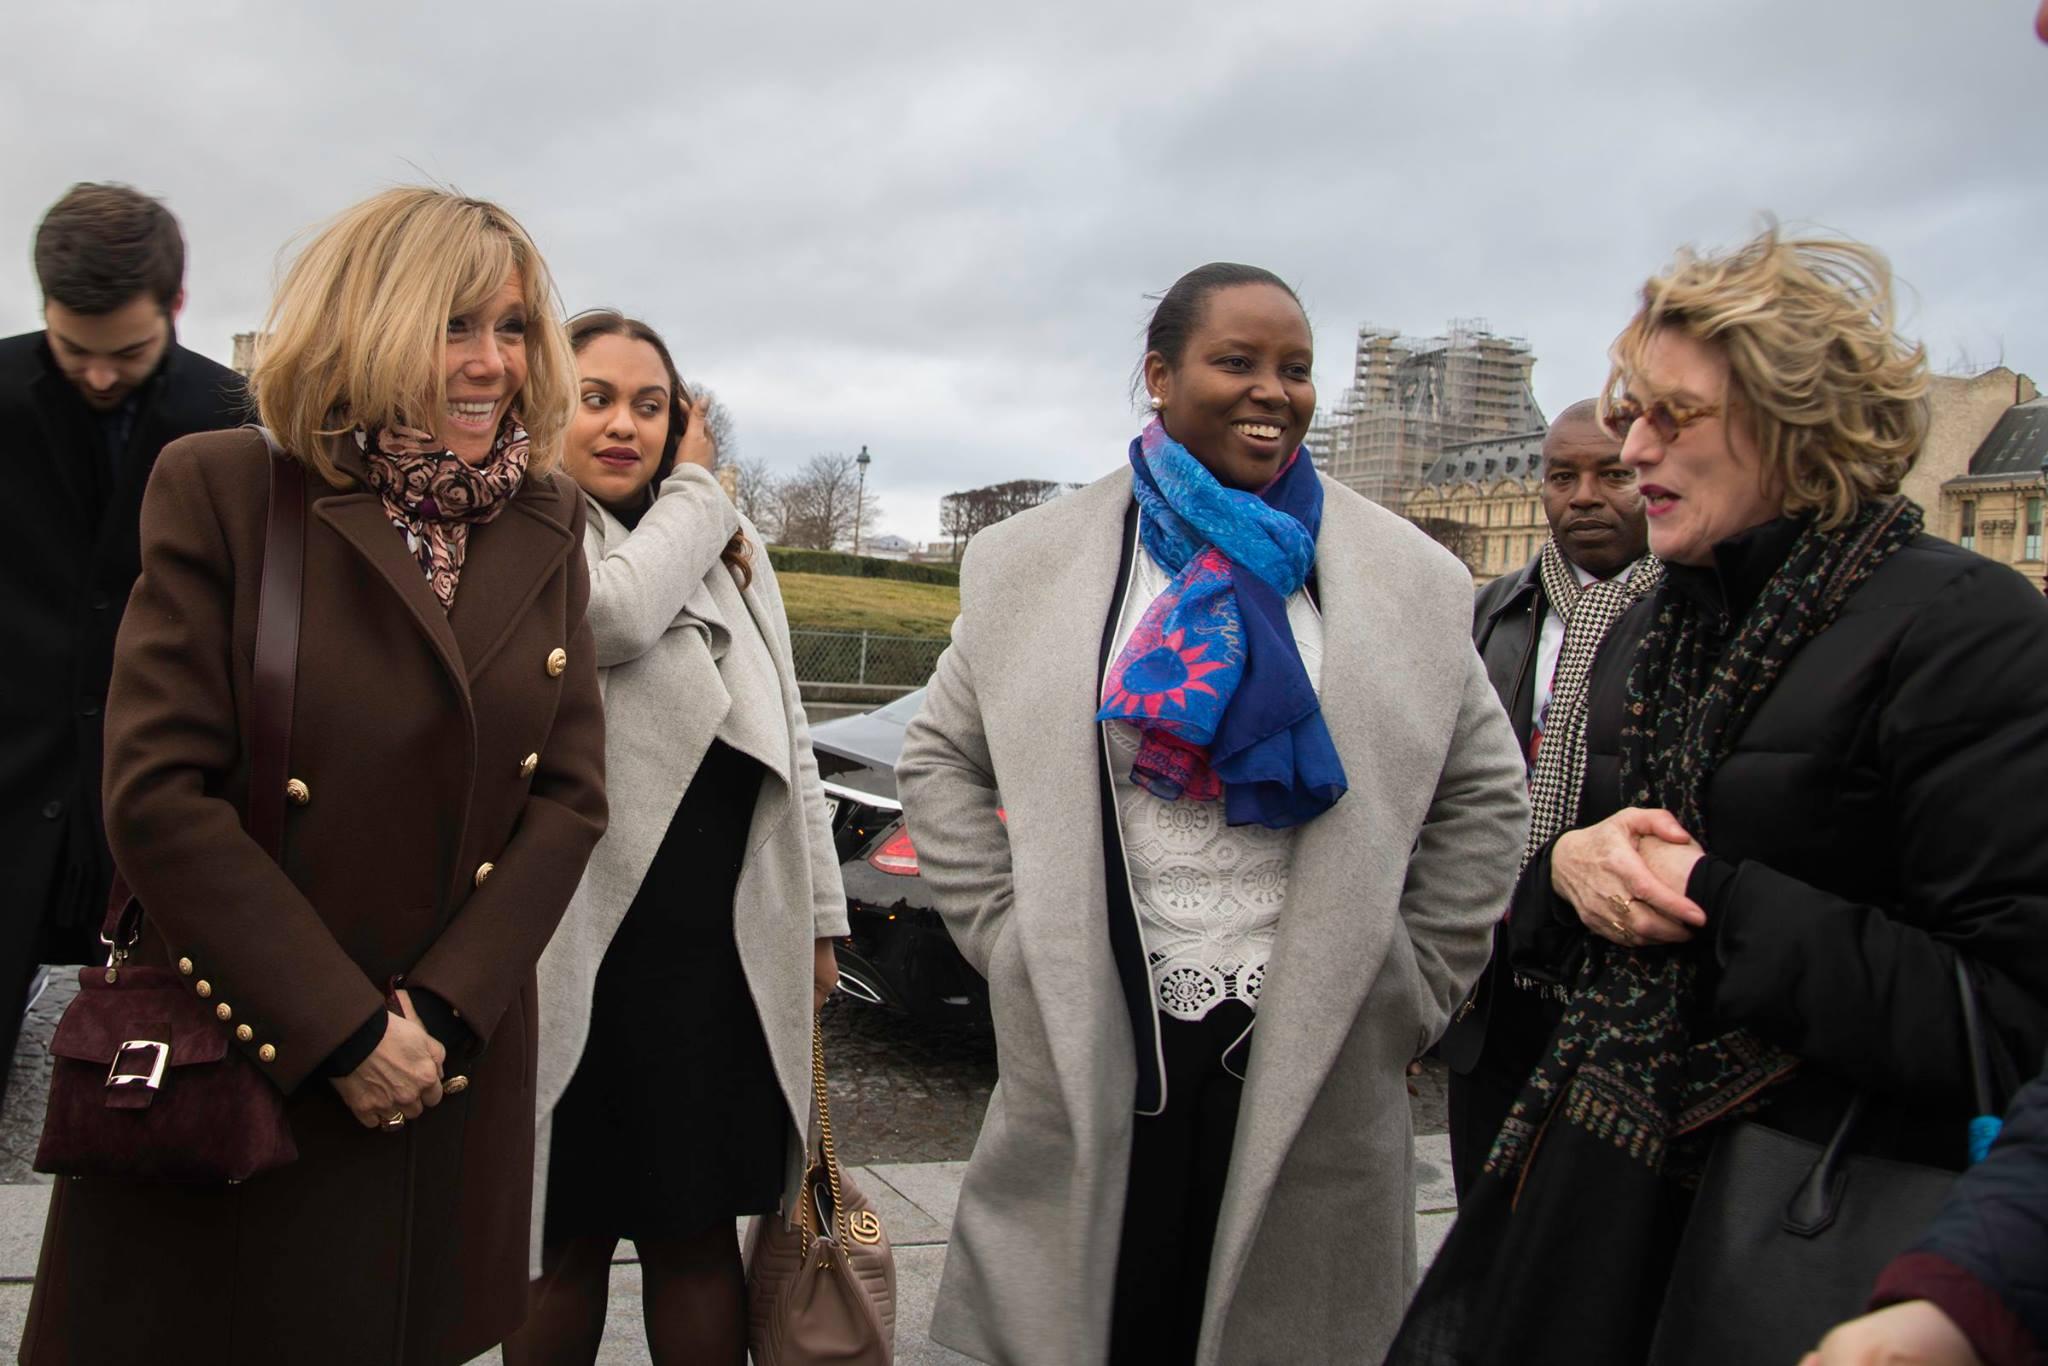 Les premières dames Martine Moïse et Brigitte Macron en visite au musée du Louvre à Paris. Photo : Facebook/ Martine Moïse.